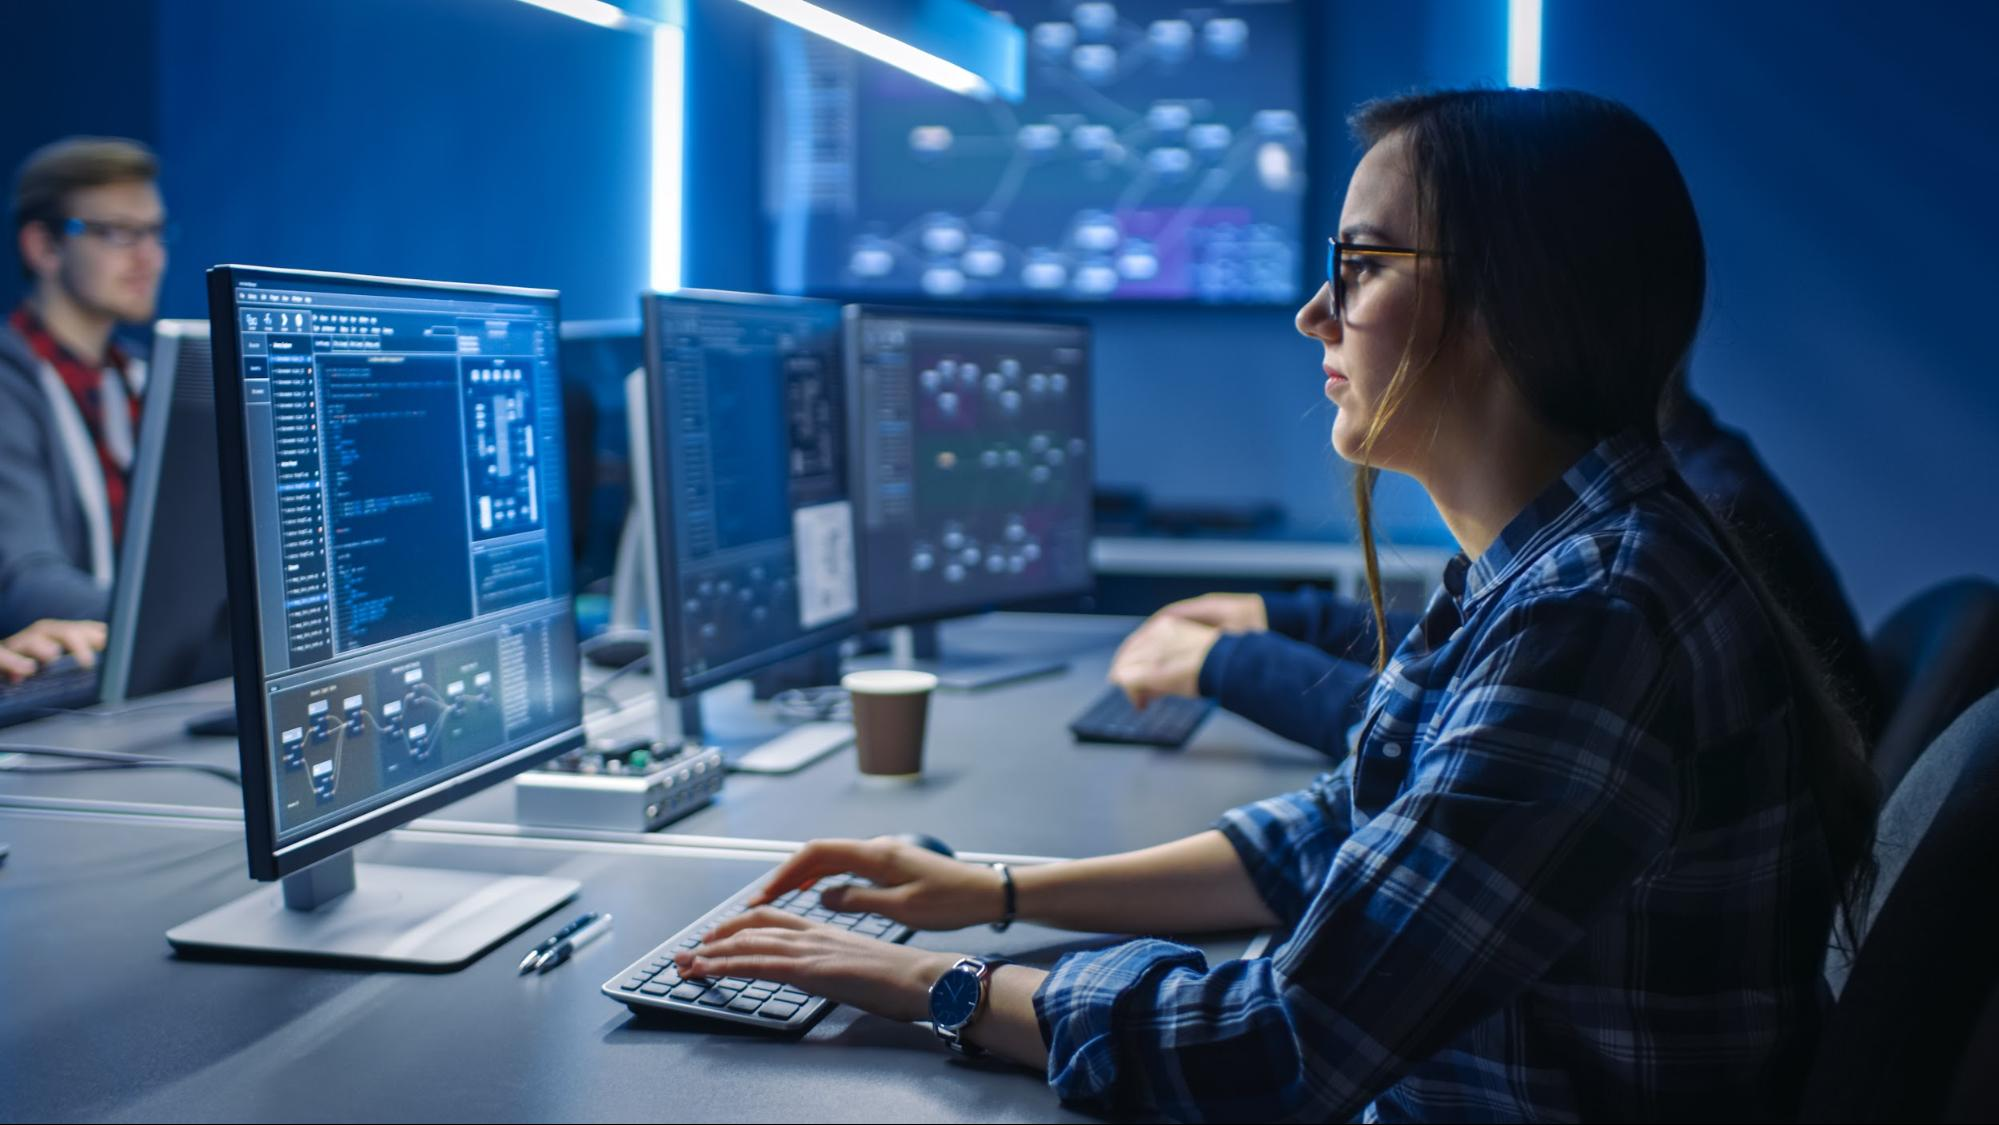 software developer internship: Female employee working on her desktop computer